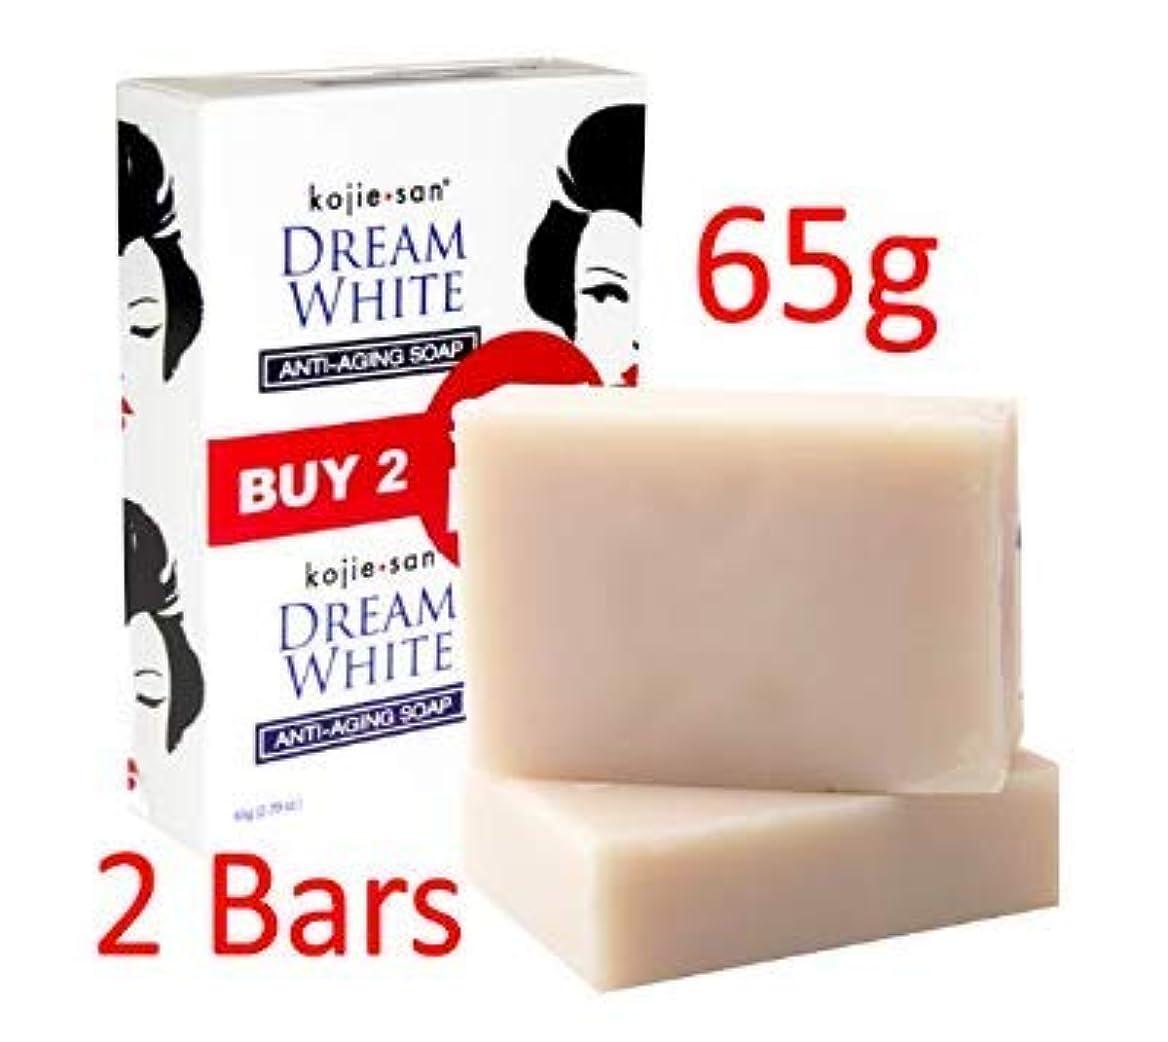 昼寝横正しくお得な2個パック Kojie san soap Dream White 2pcs こじえさん ドリームホワイト 1個65g [並行輸入品]